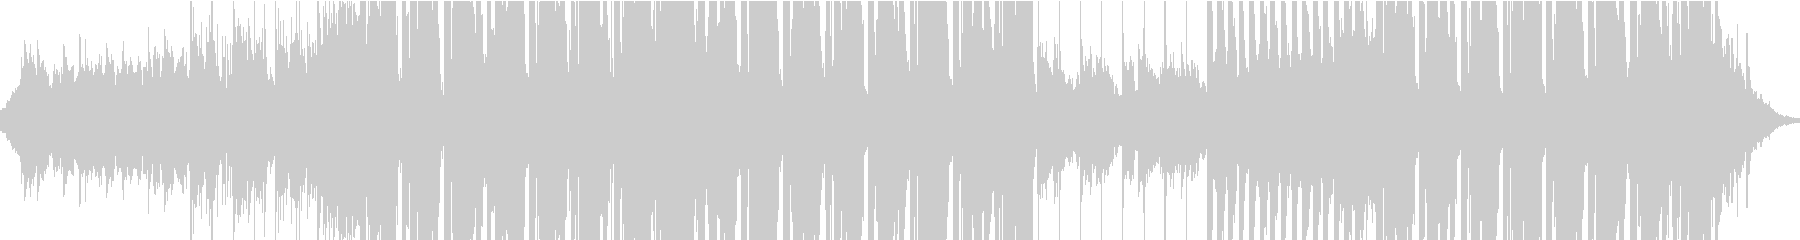 ハウス ダンス プログレッシブ コ...の未再生の波形